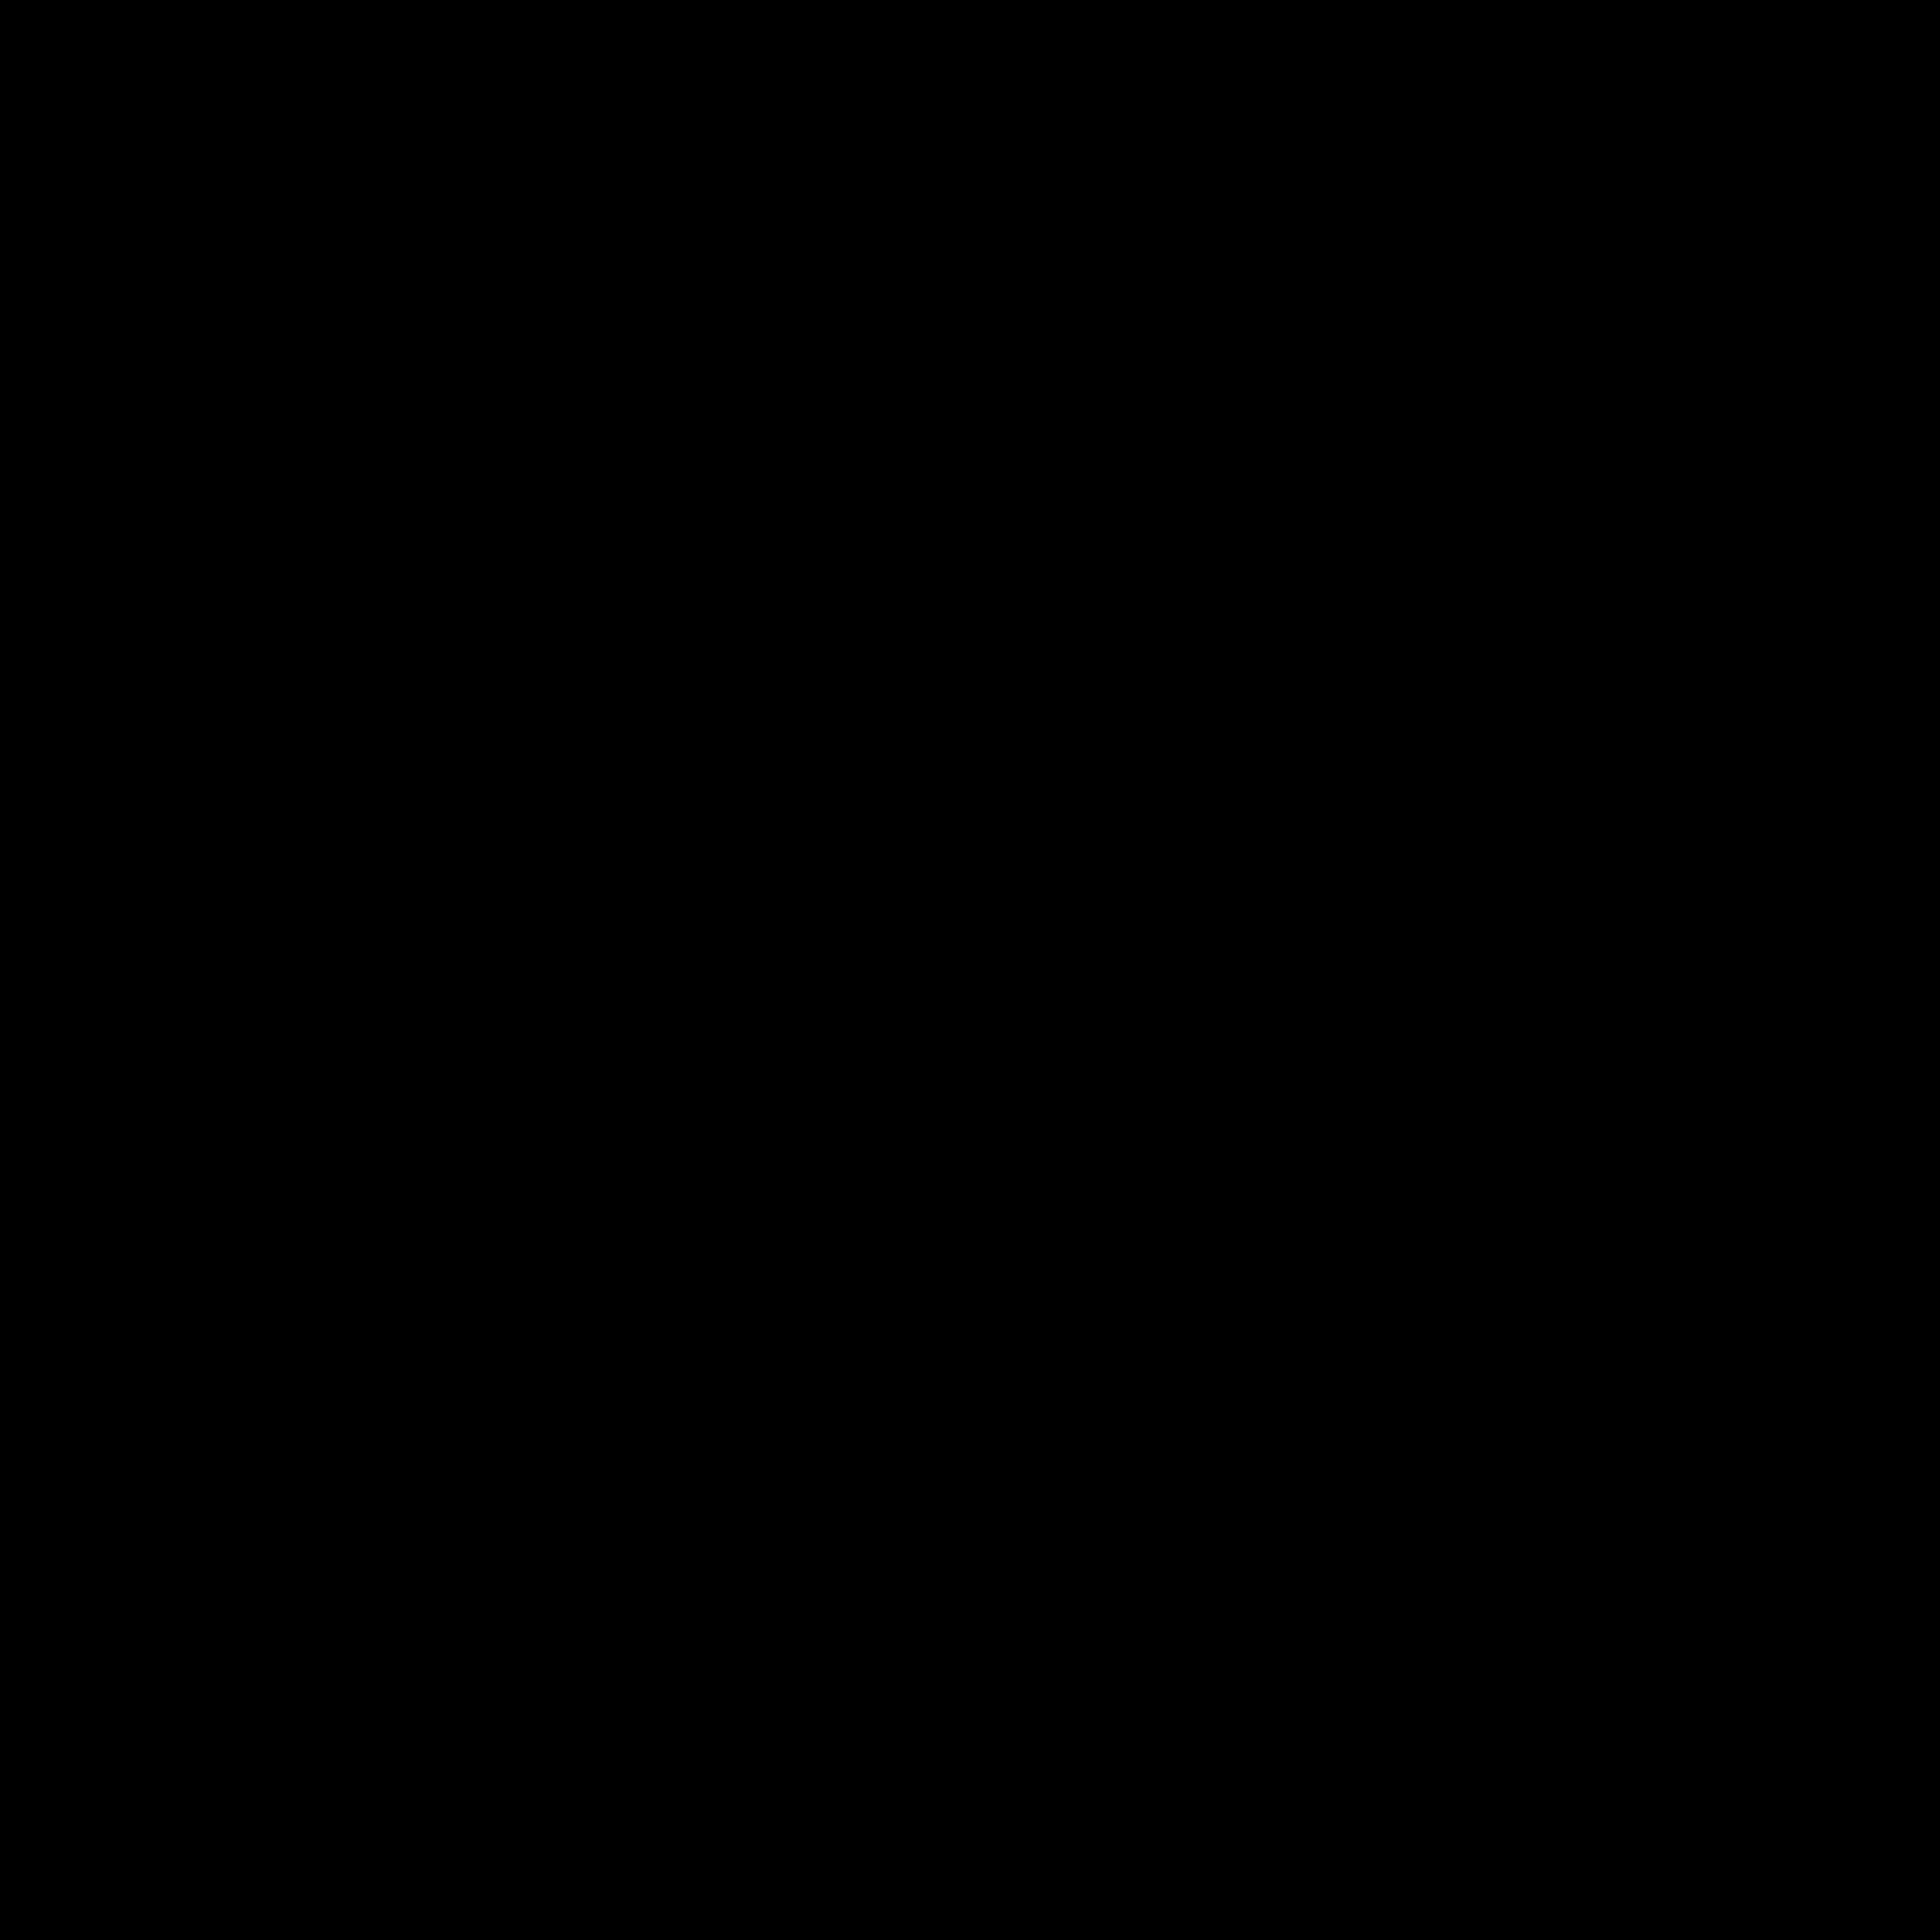 bpay-logo-png-transparent.png